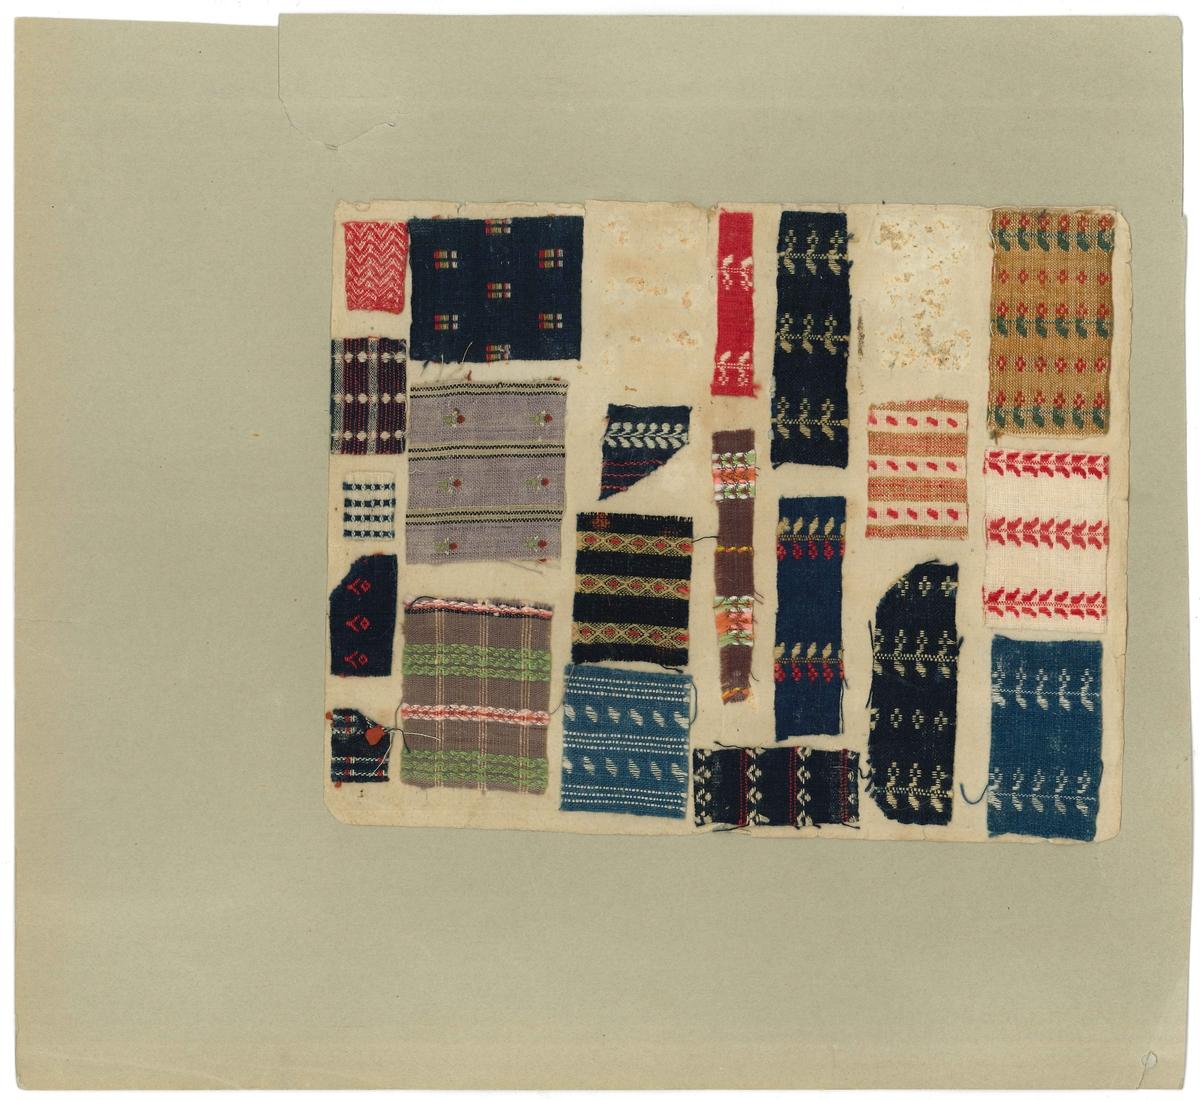 Ett av flera lösa mönsterblad, vävda mönsterprov uppklistrade på blad.